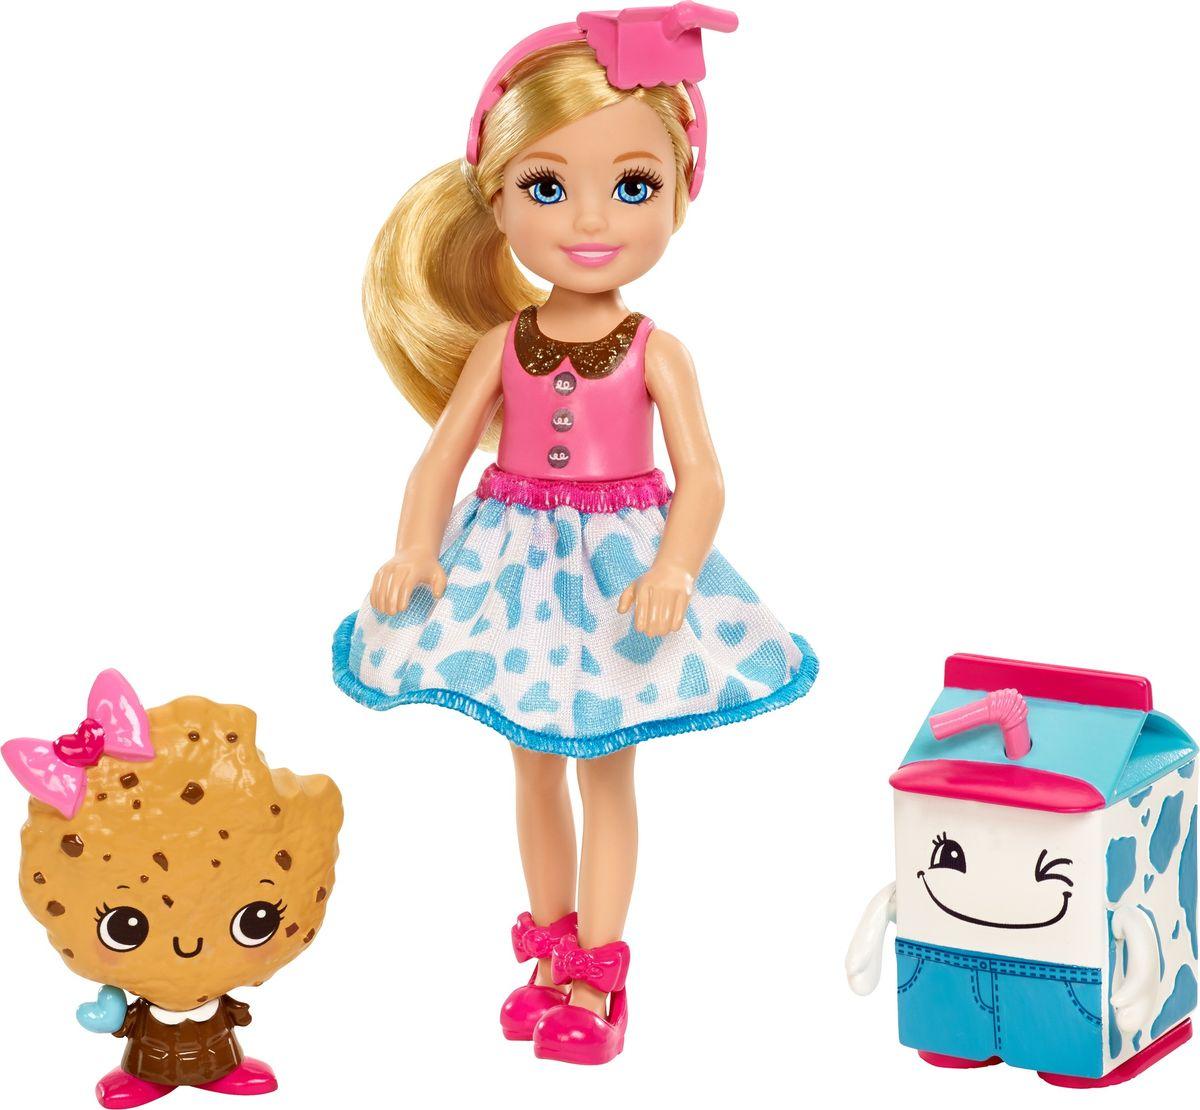 Barbie Кукла Челси и сладости цвет платья голубой розовый barbie мини кукла челси с молоком и печеньем